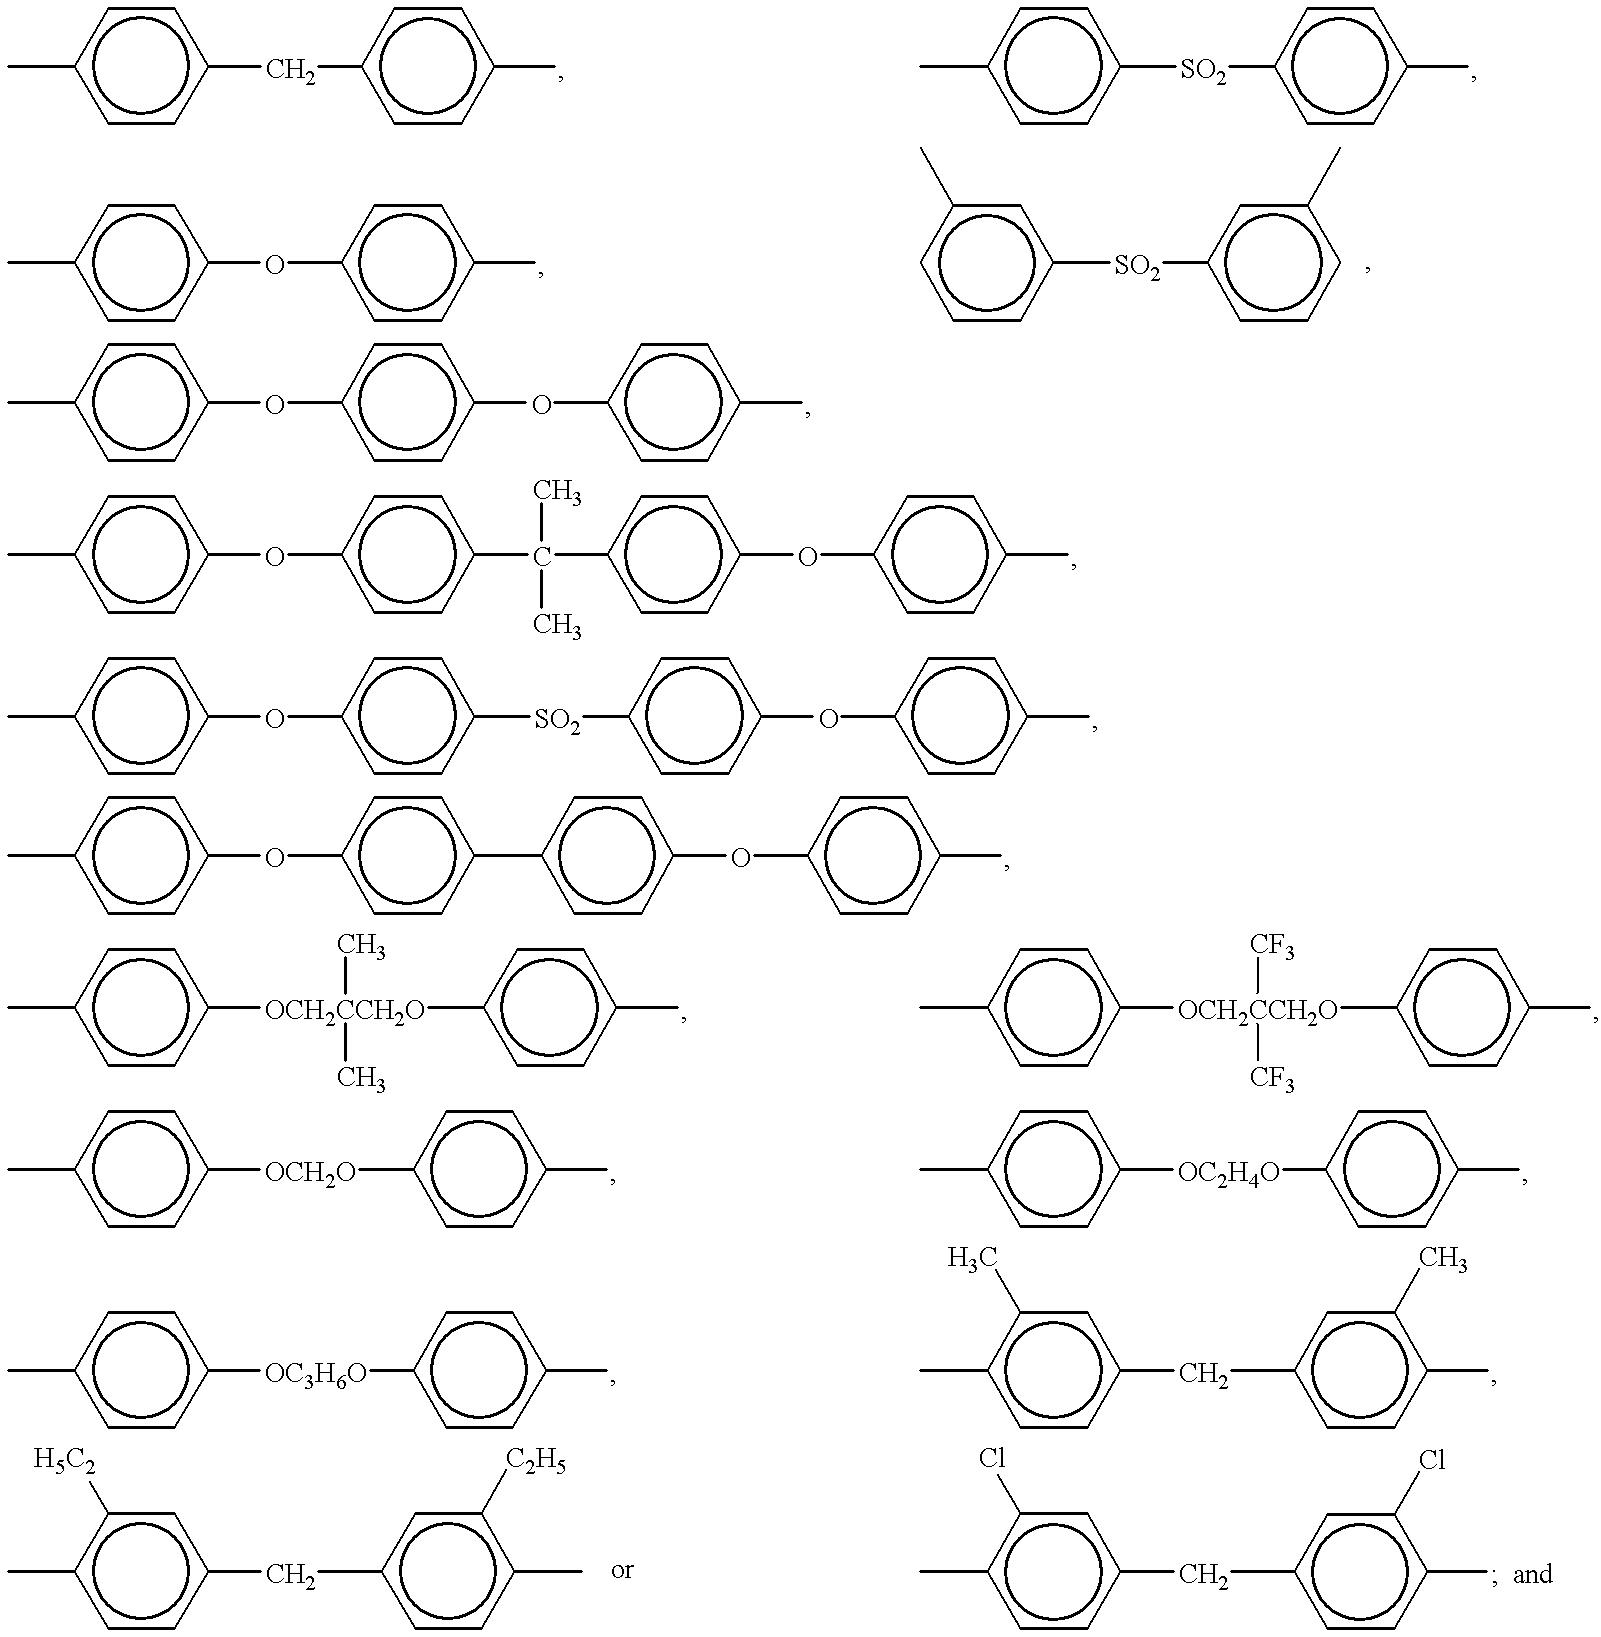 Figure US06180560-20010130-C00009